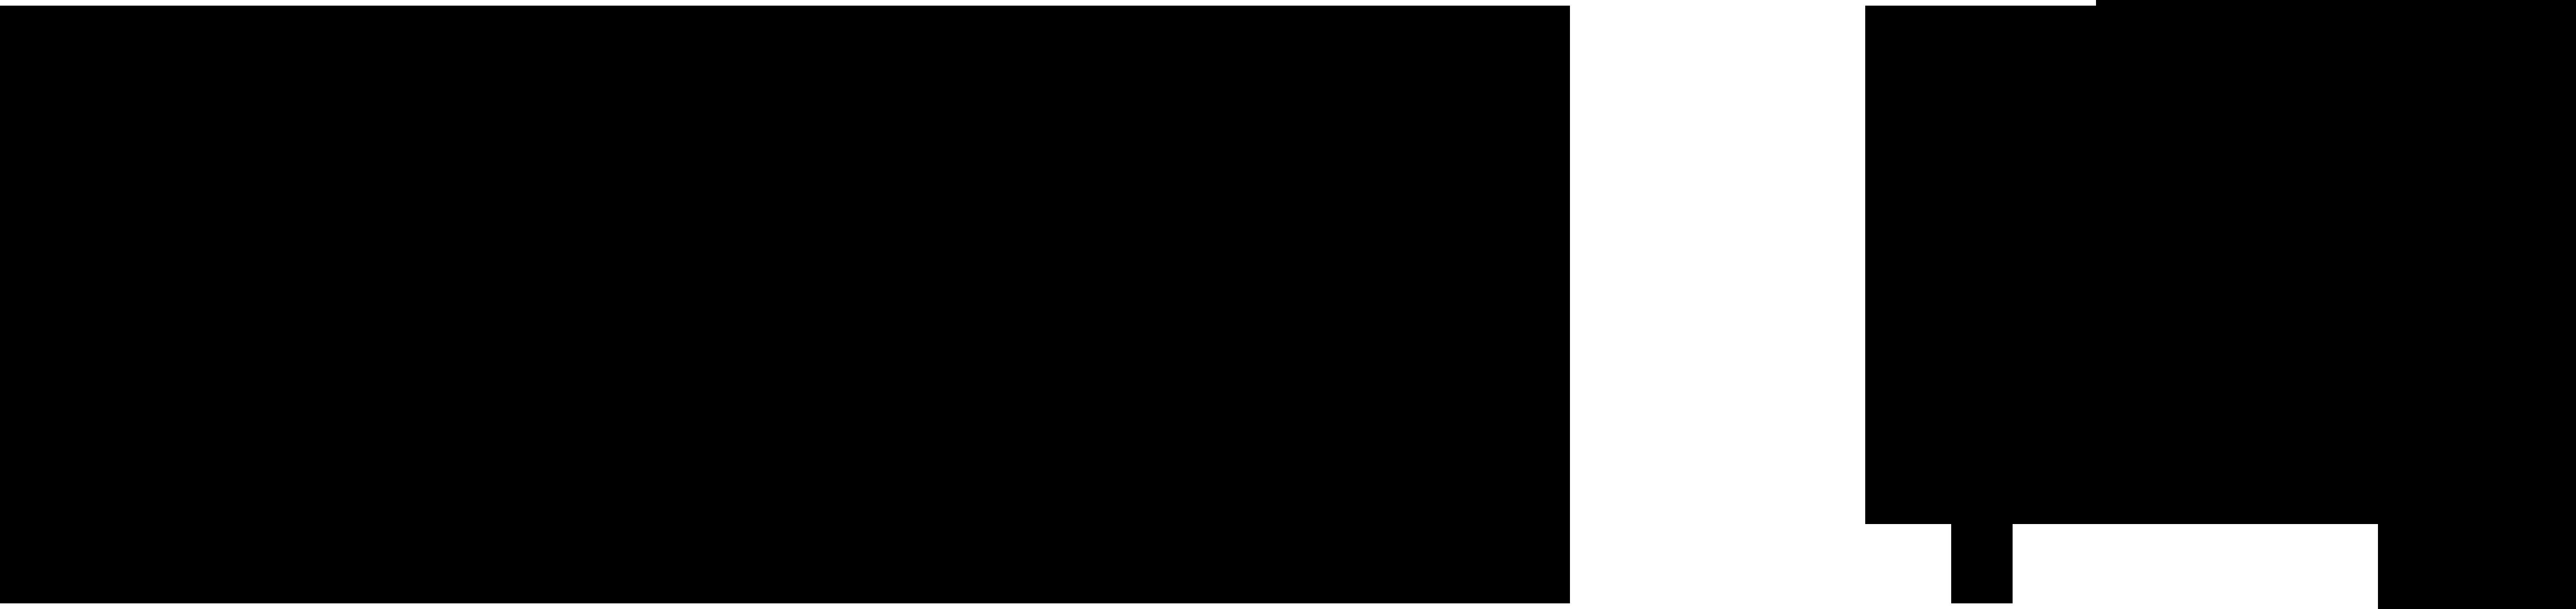 Kakito